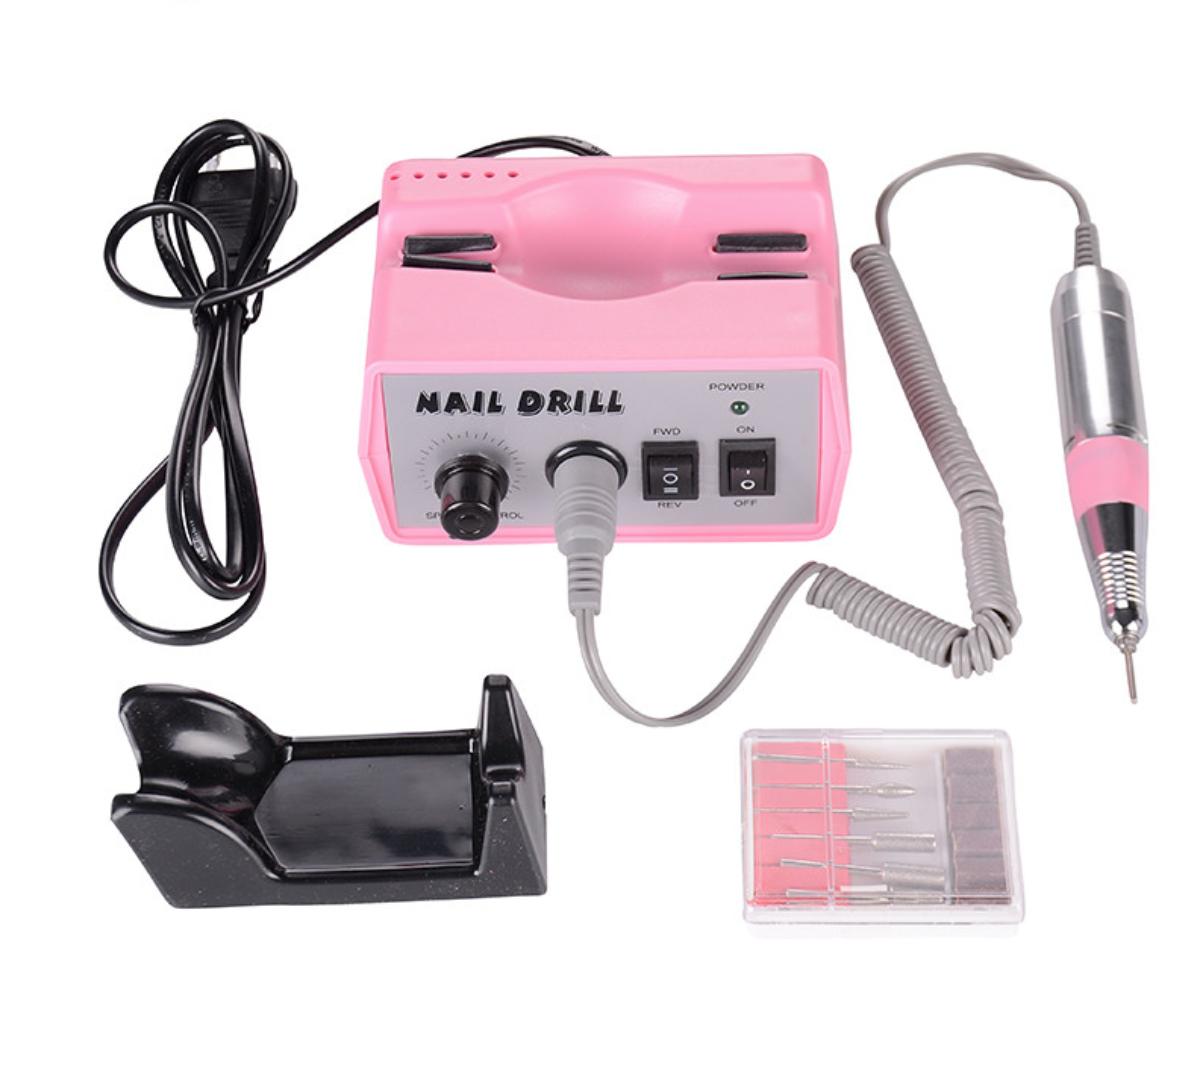 Профессиональная дрель для маникюра и педикюра DM-205 розовая (35 000 об/мин)